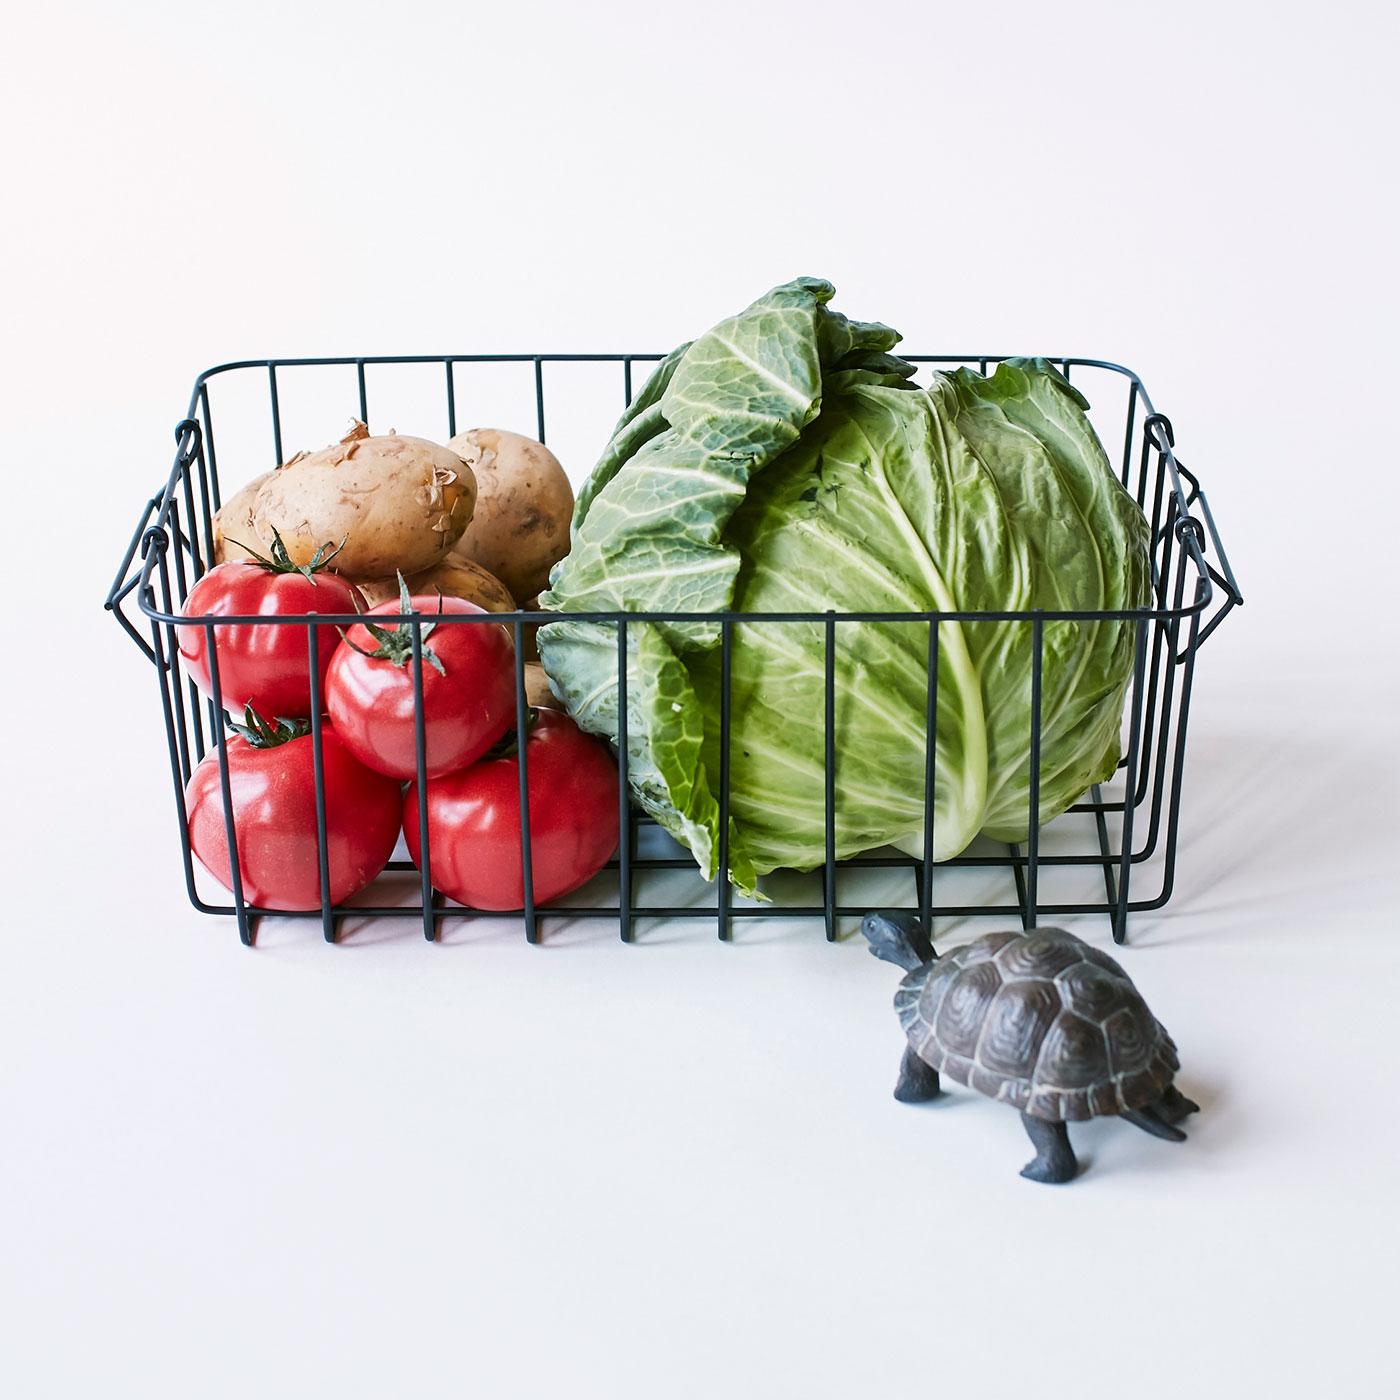 <例えばこんなことが身に付きます>スーパーでの新鮮な野菜の見分け方